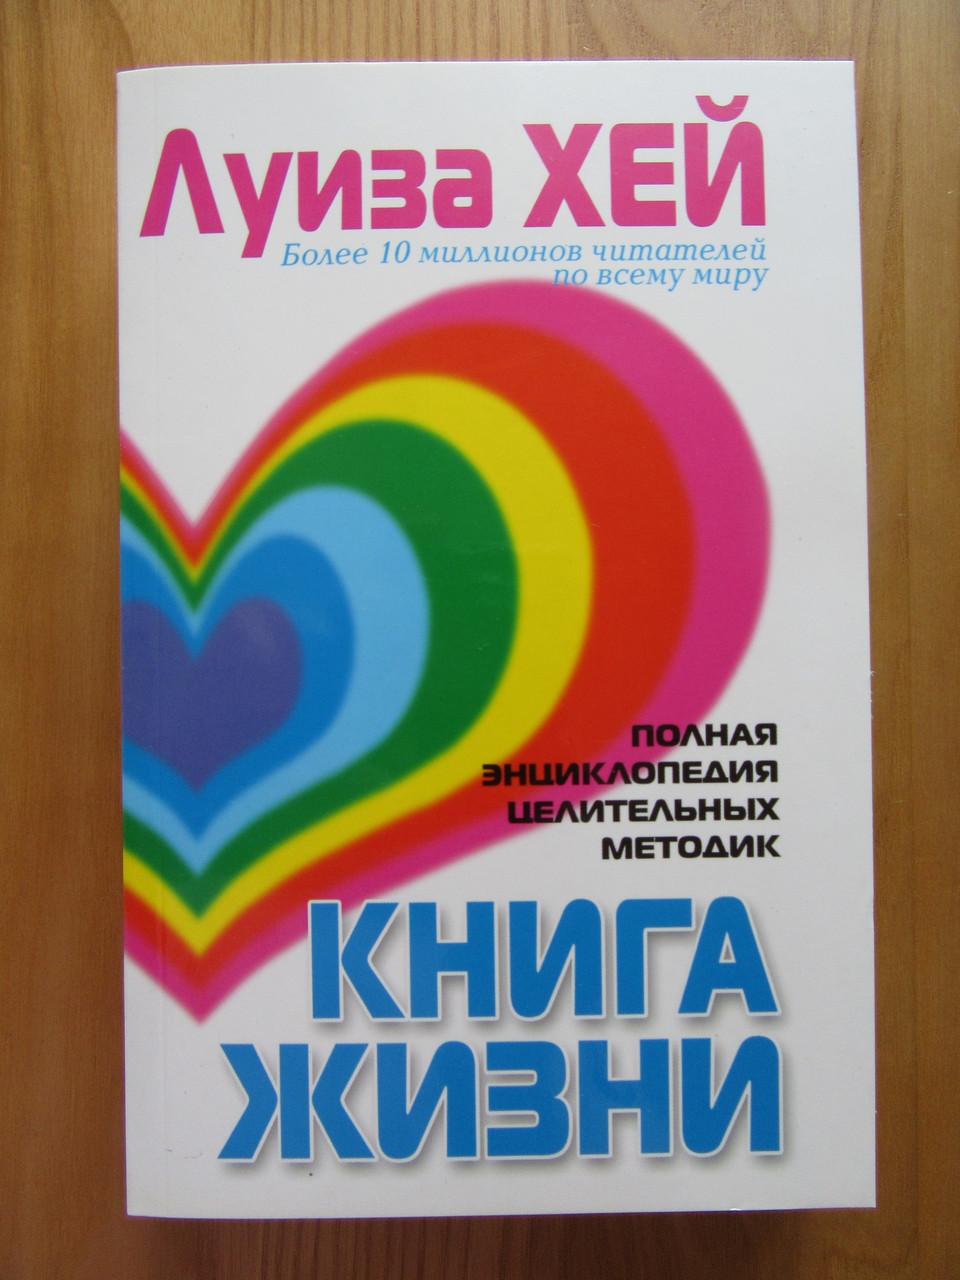 Луиза Хей. Книга жизни. Полная энциклопедия целительных методик